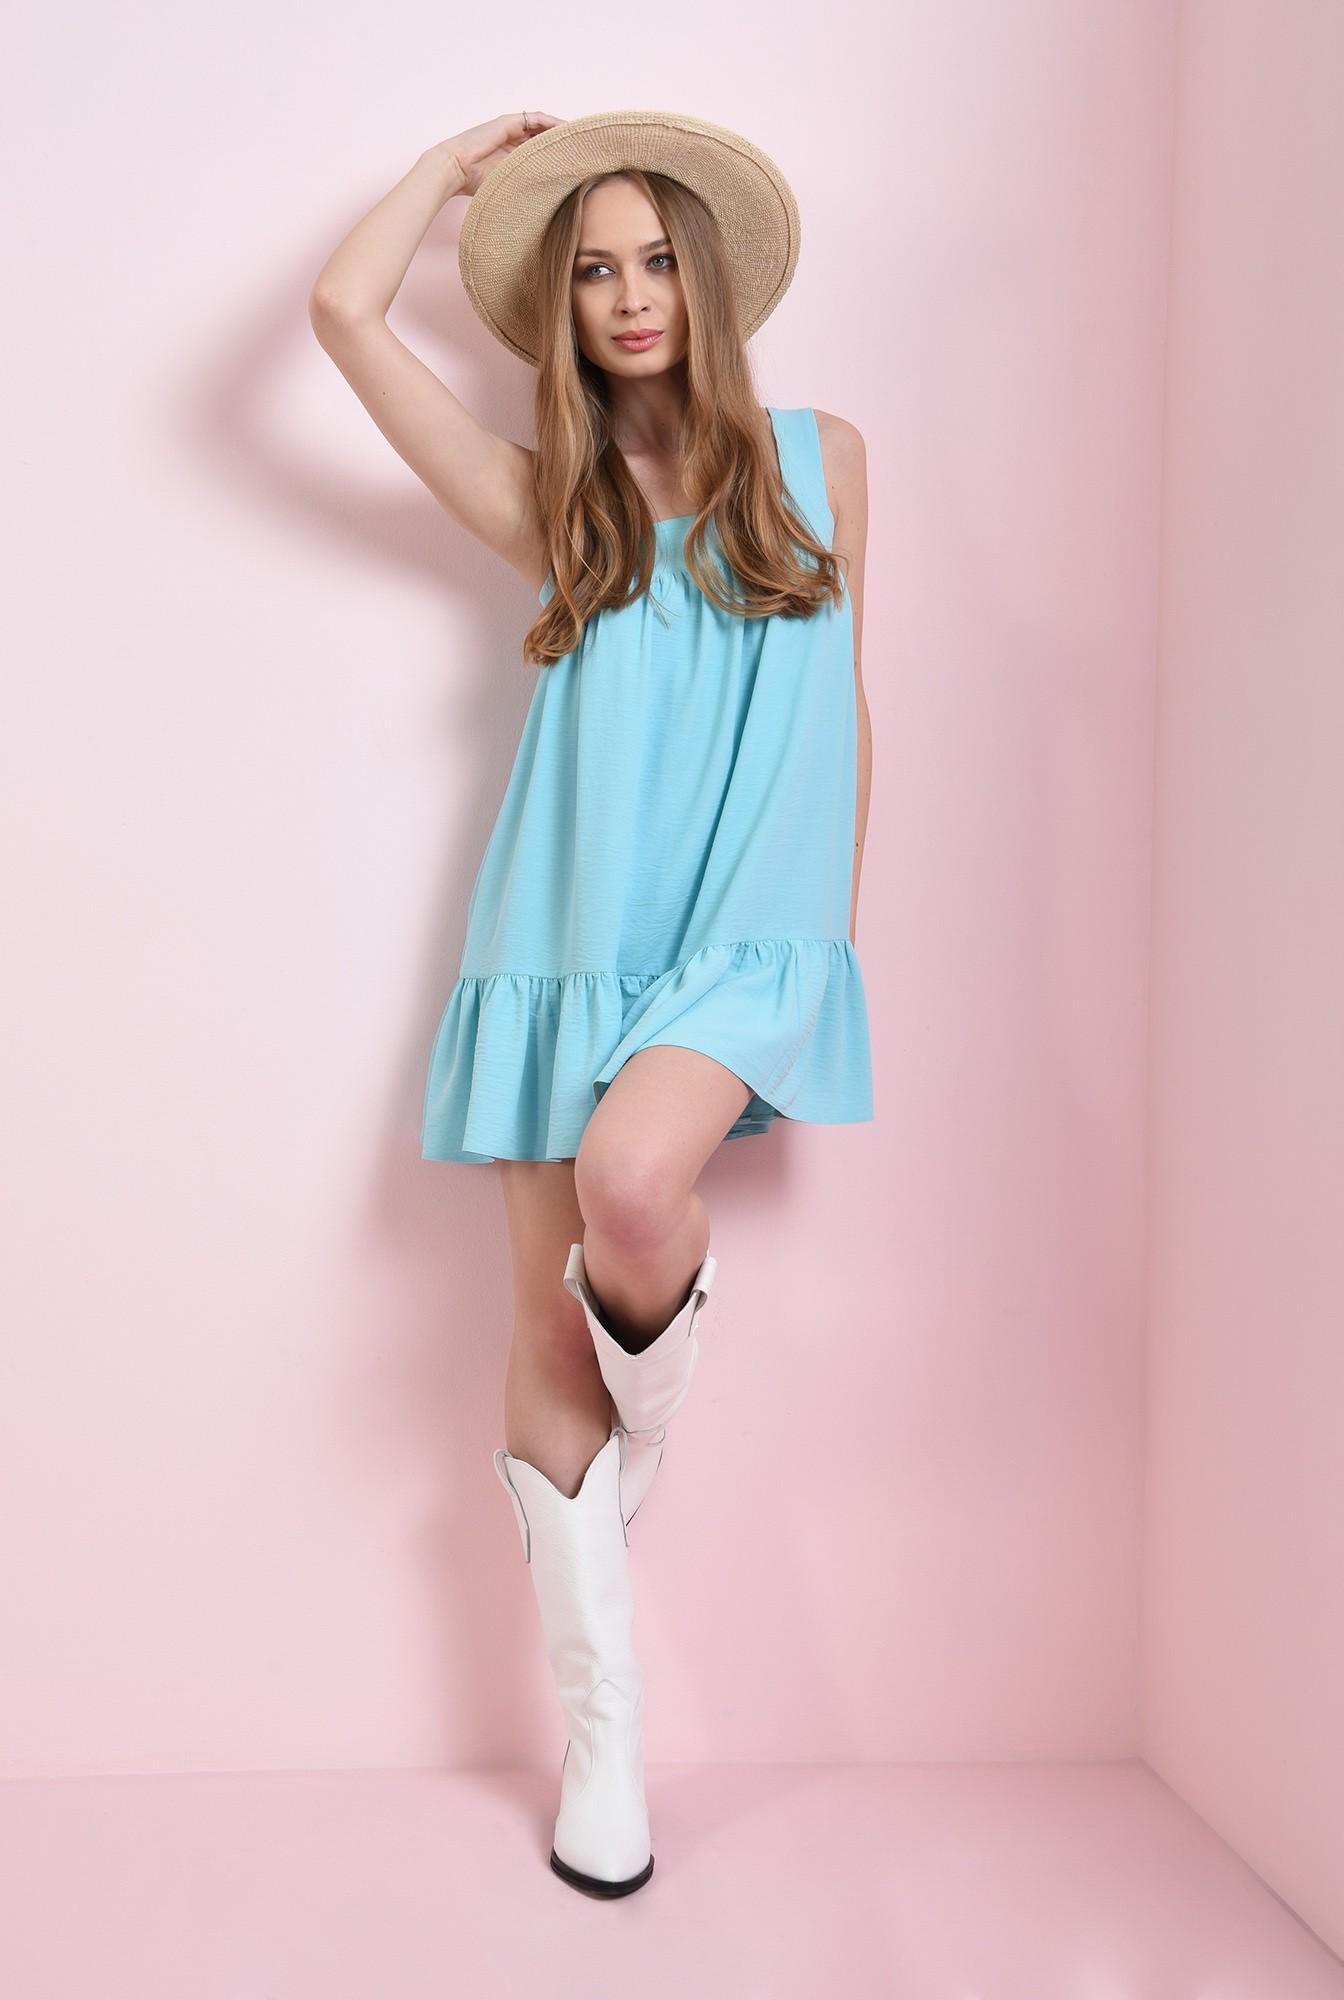 1 - rochie scurta, aqua, cu decolteu geometric